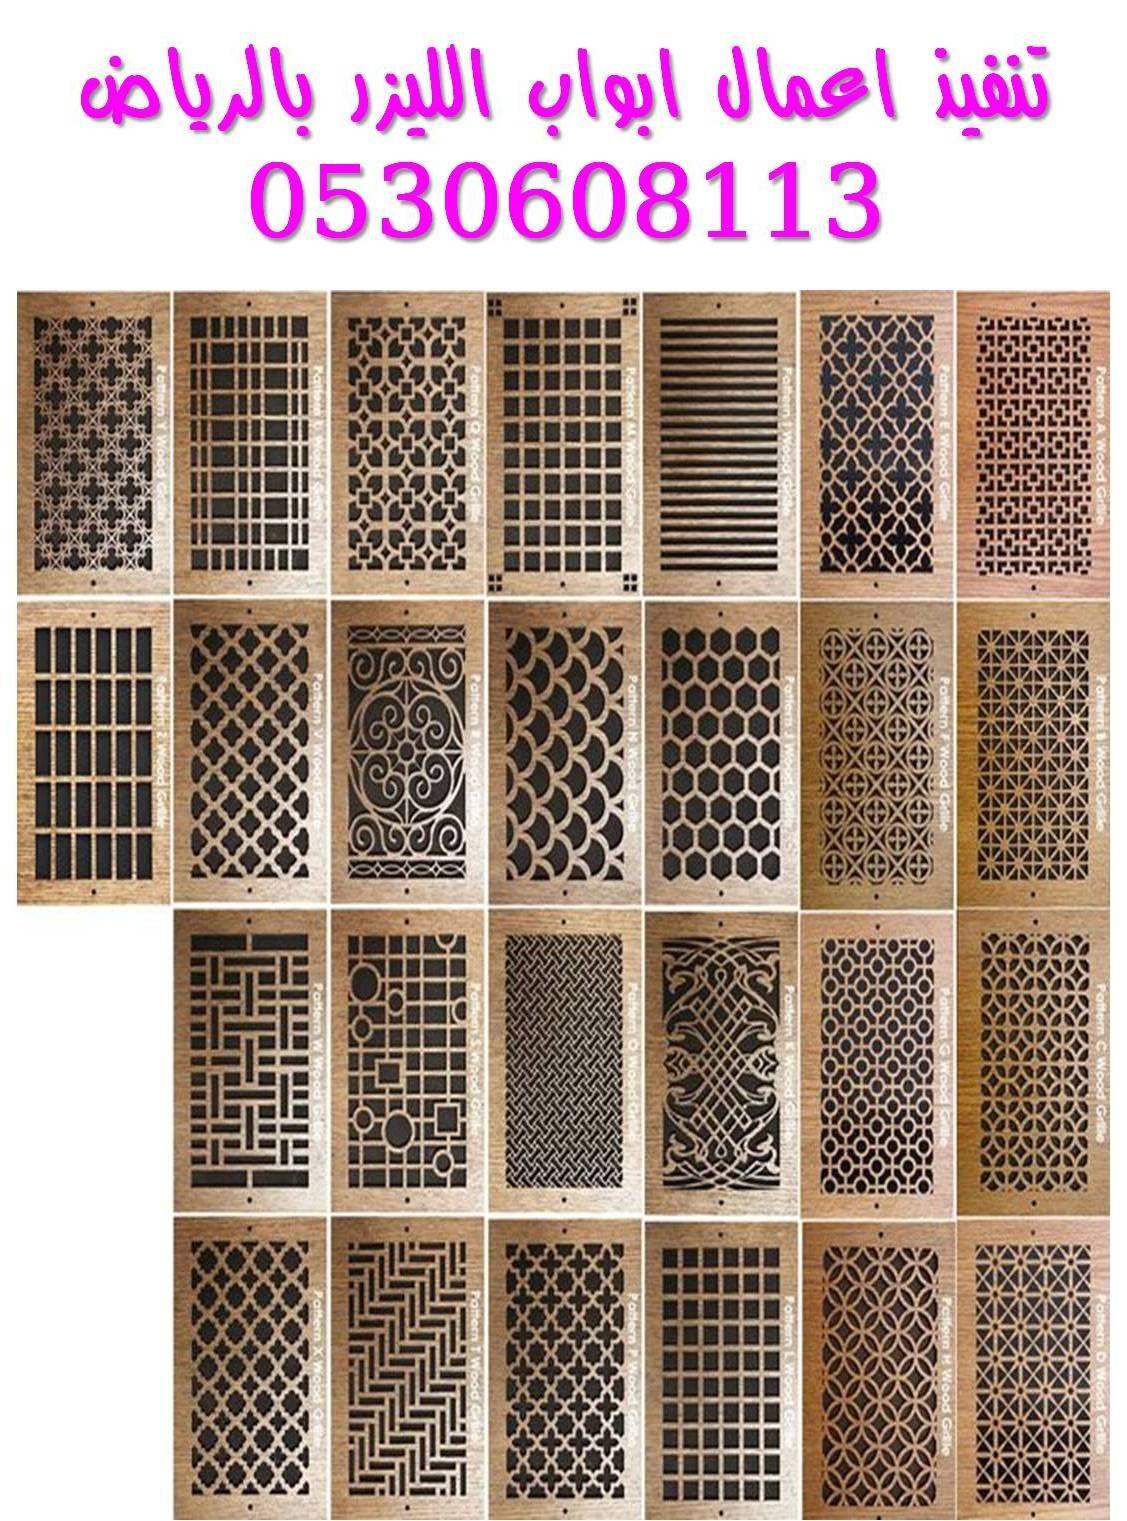 قص ليزر حديد ستانلس الرياض الغربية الجنوب قص سي ان سي خشب الرياض فقط 0530608113 Lol